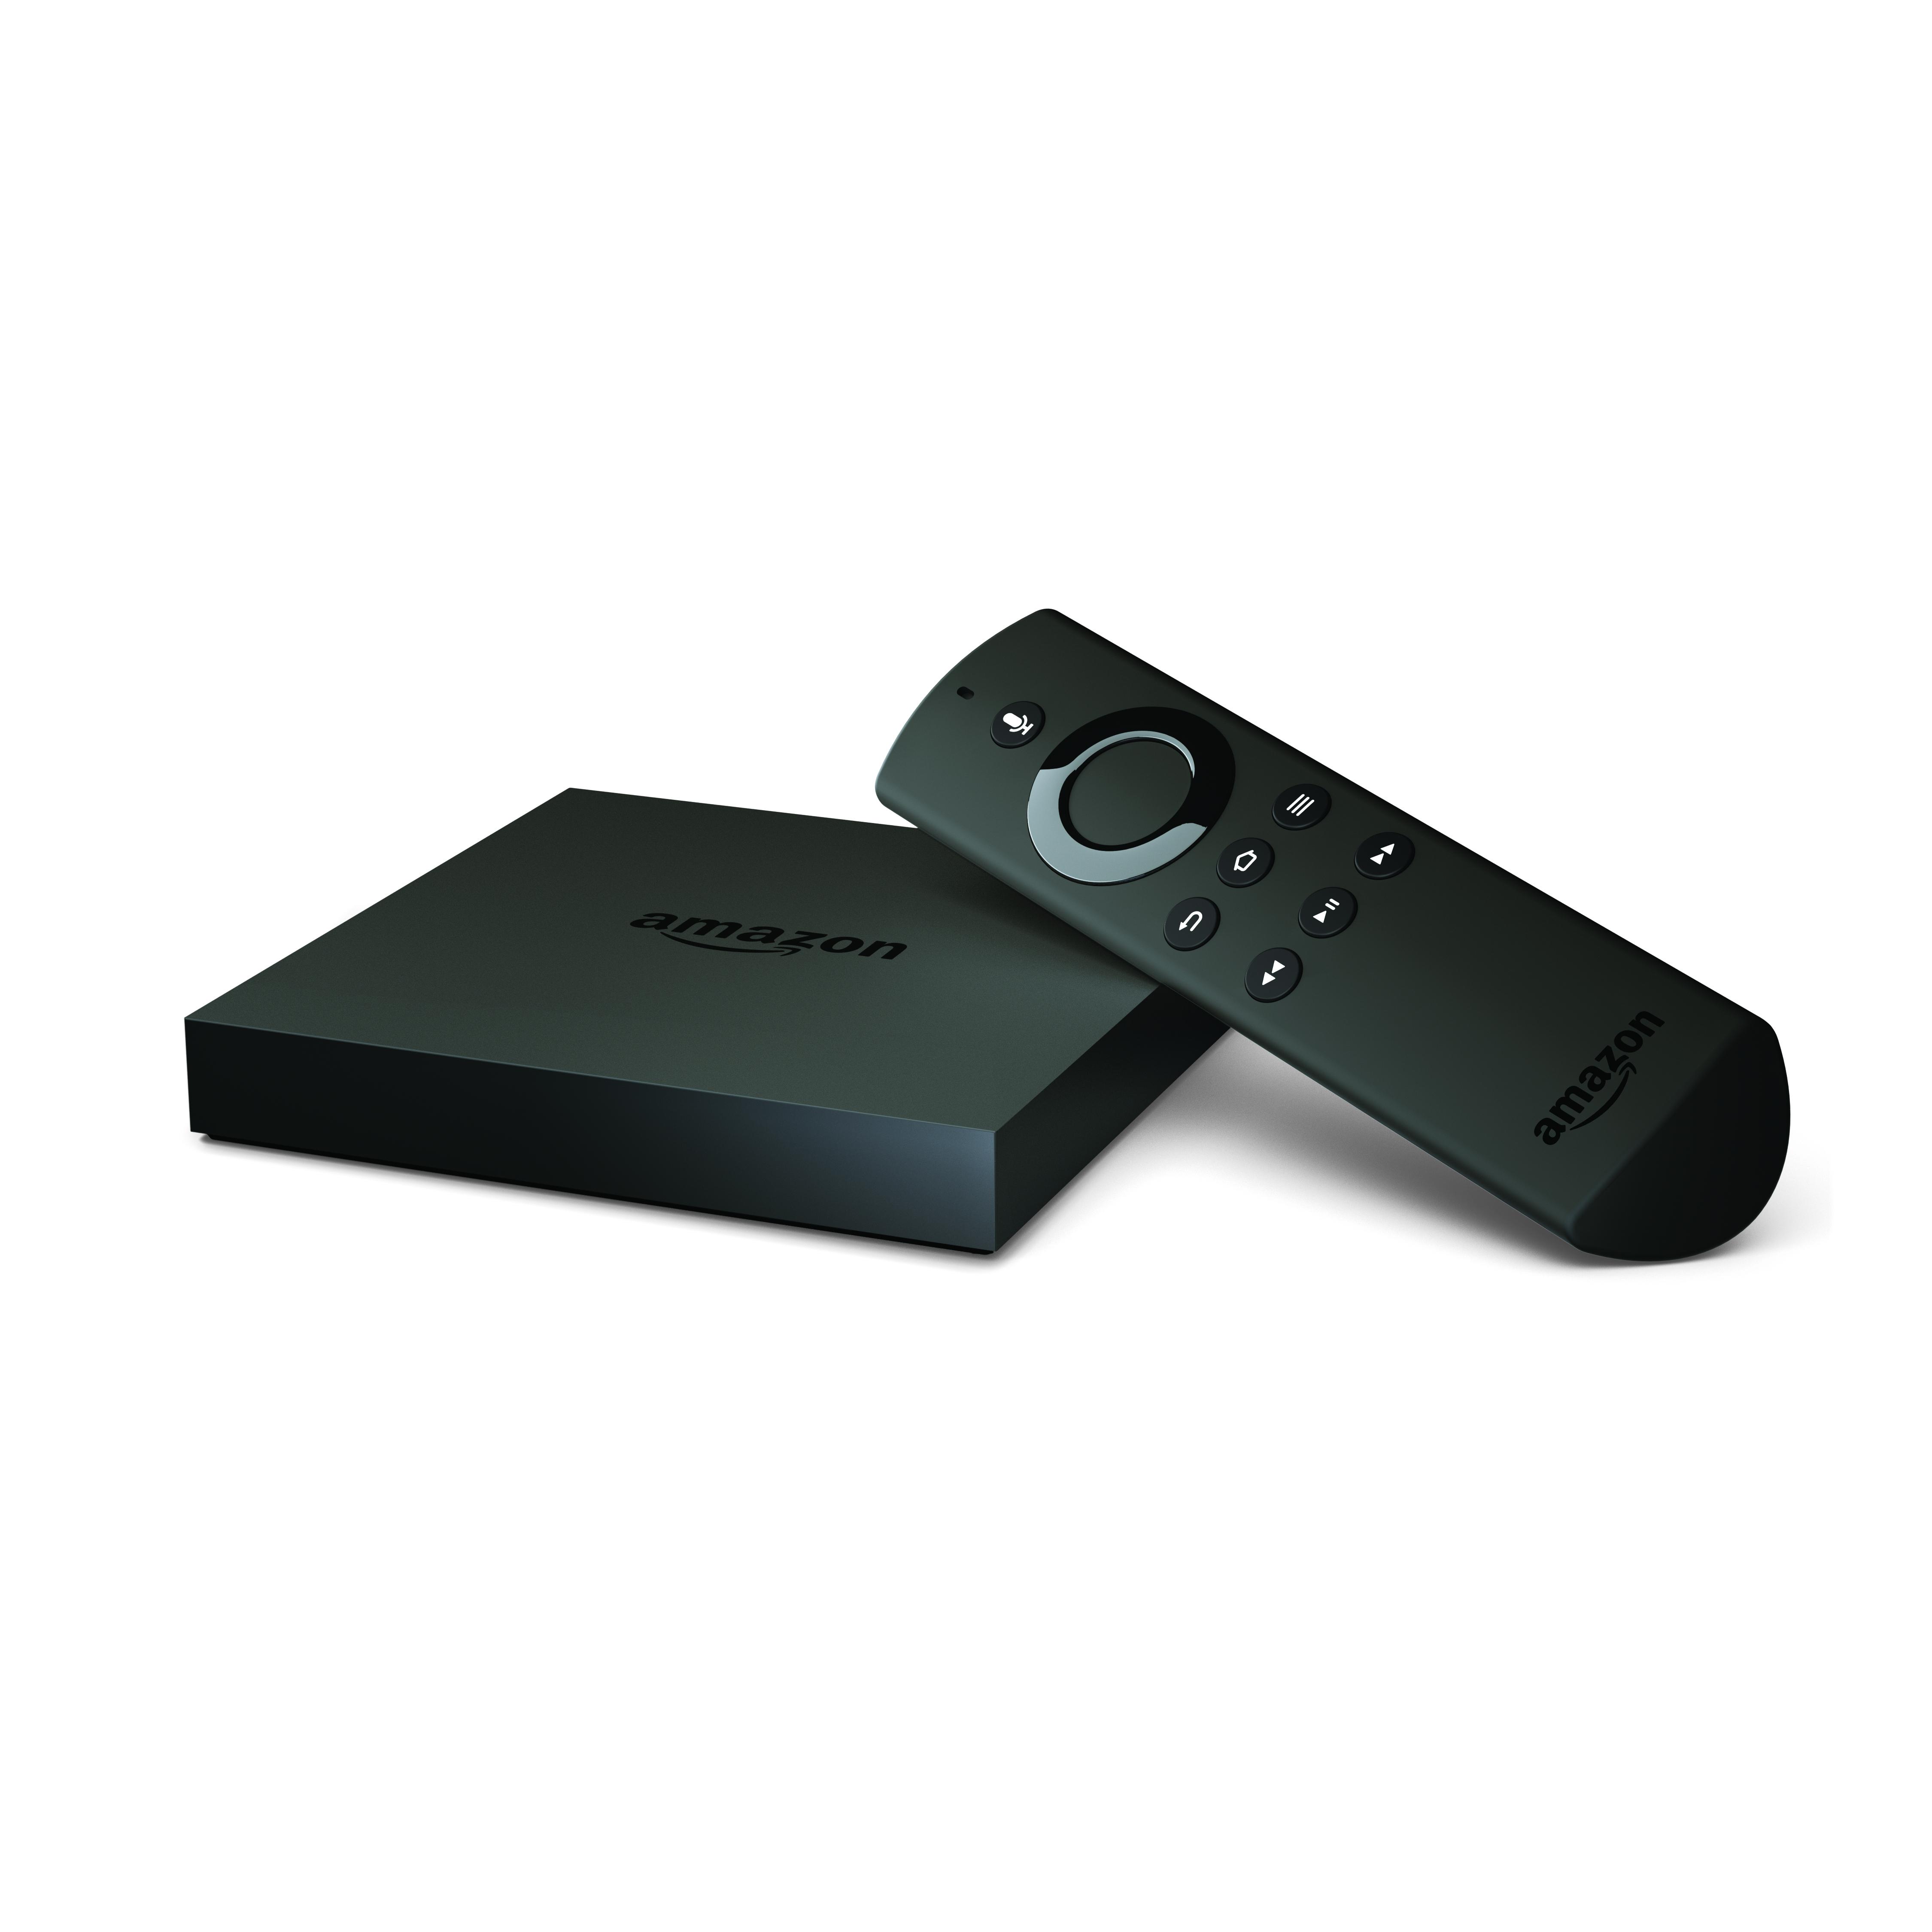 Amazon's new Fire TV.